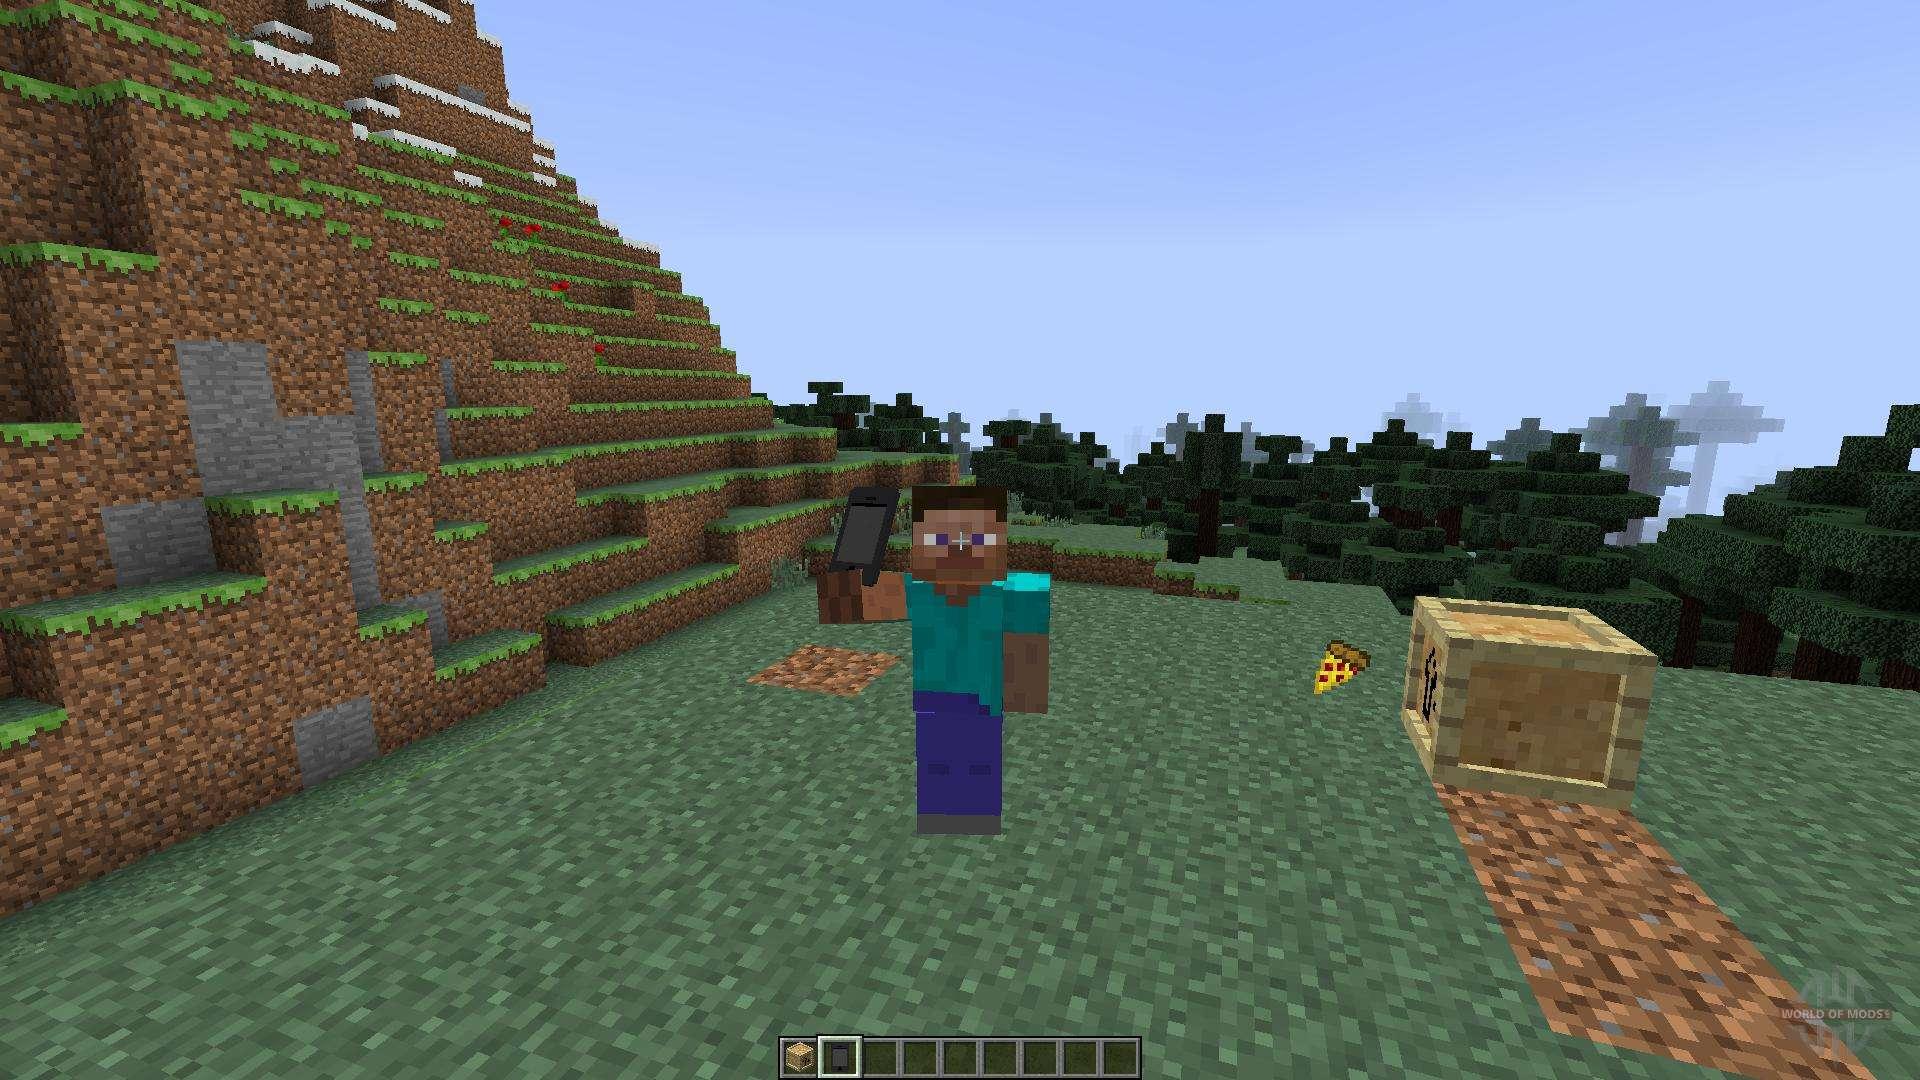 Игры Майнкрафт онлайн, бесплатно играть в майнкрафт